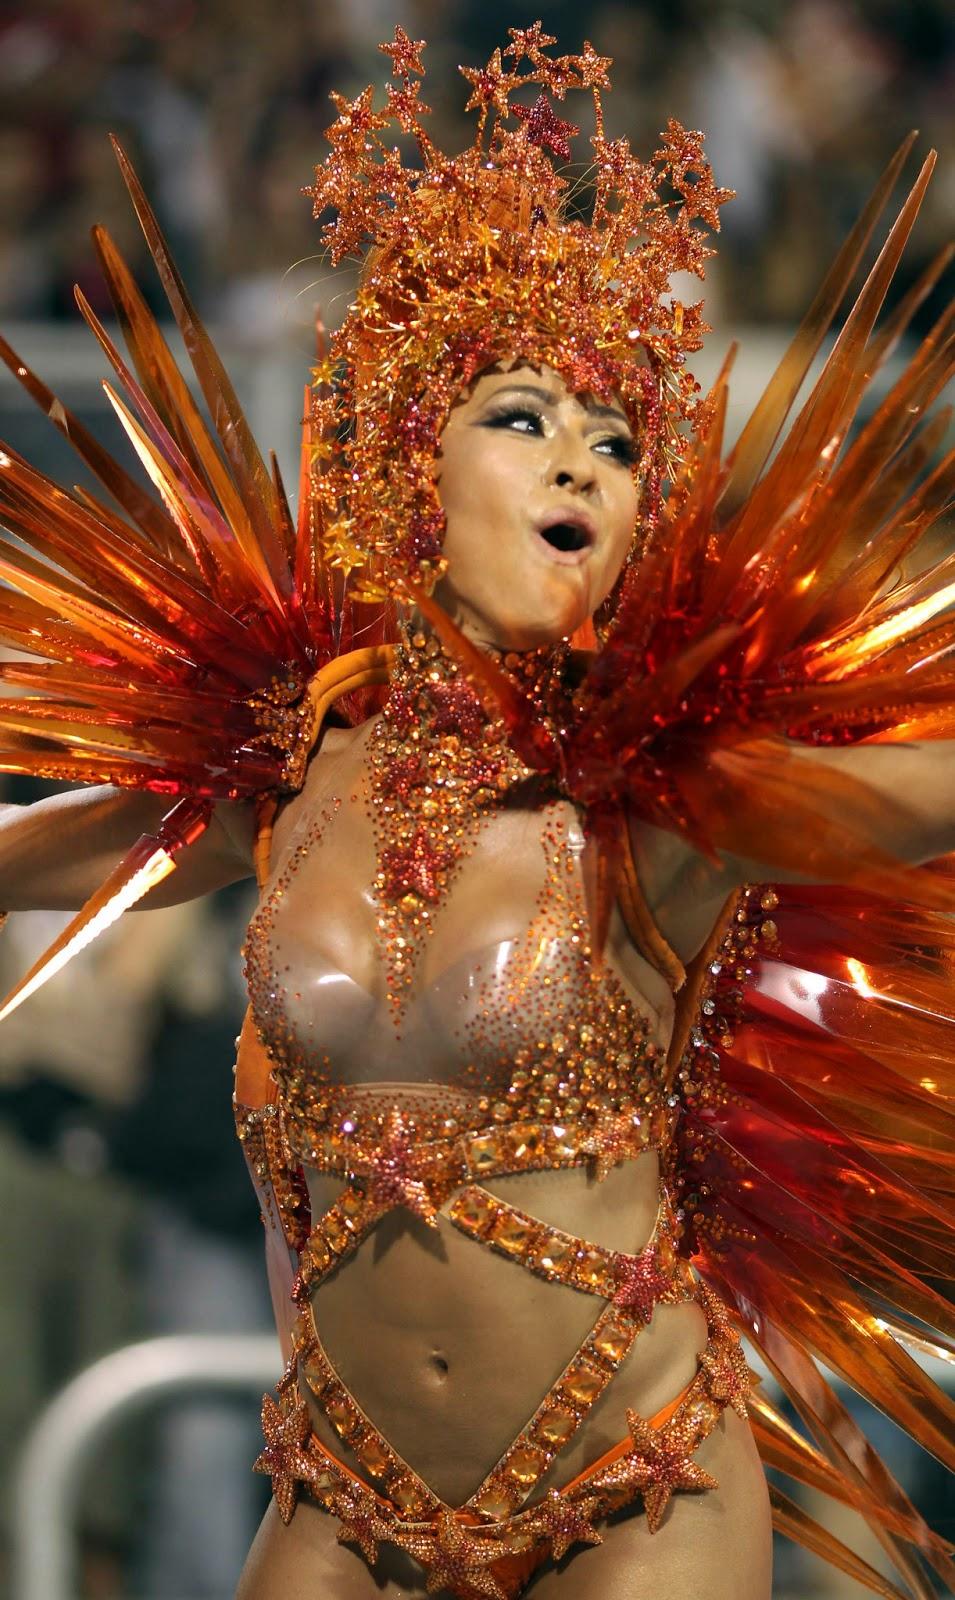 Rio Carnival 2012: Brazlian Beauties on Parade - Sabrina Sato